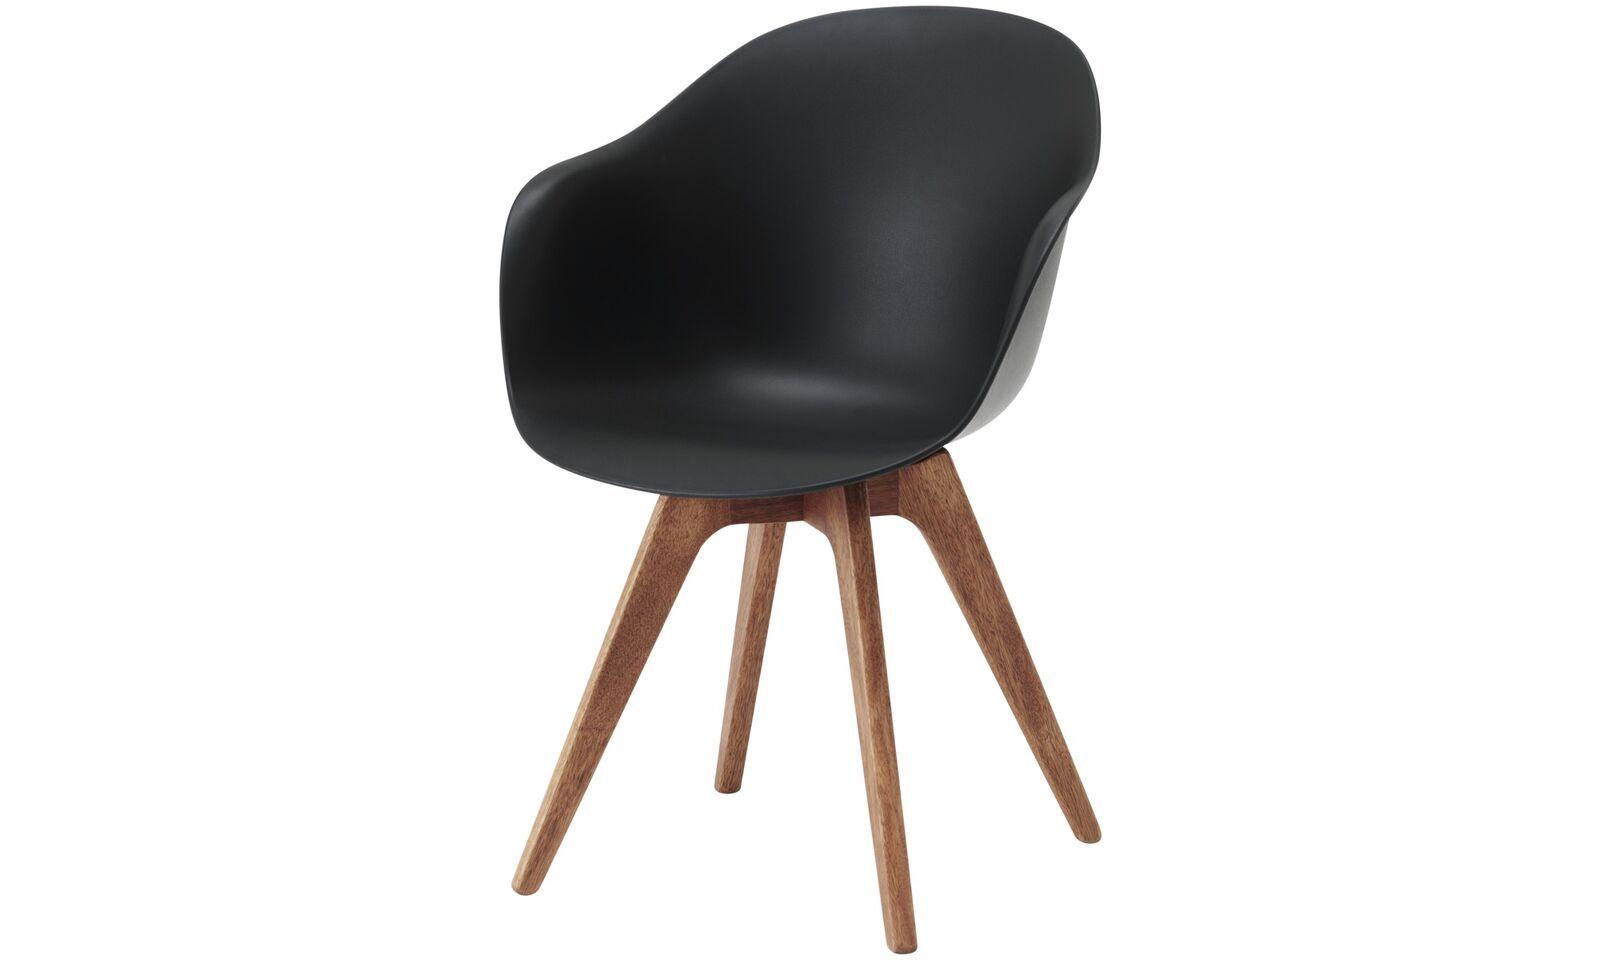 Chaise Adelaide Pour Usage Interieur Et Exterieur En 2020 Avec Images Chaise Exterieur Chaise Chaise De Jardin